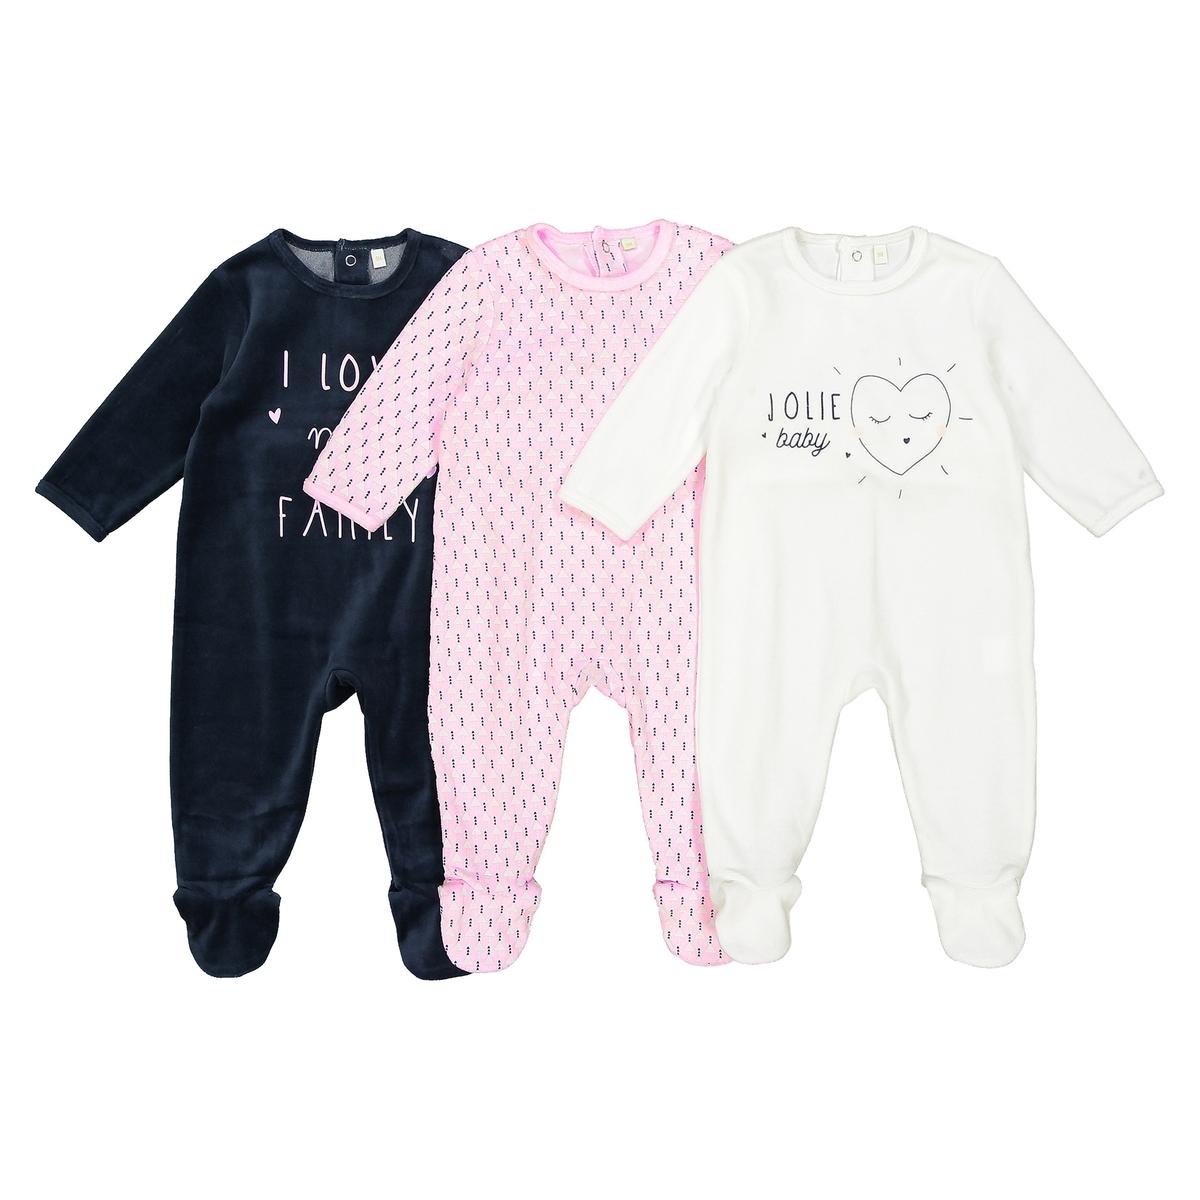 Комплект из 3 пижам из велюра, 0 мес. - 3 годаОписание:3 пижамы с длинными рукавами и закрытыми носками. Красивый комплект из 3 пижам 3 цветов, чтобы ваш малыш видел только сладкие сны .Детали •  Комплект из 3 пижам : 2 пижамы с надписью посередине + 1 пижама с принтом . •  Длинные рукава. •  Круглый вырез. •  Застежка на кнопки сзади и между ножек для легкости надевания. •  Носки с противоскользящими элементами для размеров от 12 месяцев  (74 см).Состав и уход •  Материал : 75% хлопка, 25% полиэстера. •  Стирать при температуре 30° на деликатном режиме с вещами схожих цветов. •  Стирать и гладить с изнанки при низкой температуре. •  Деликатная сушка в машинке.<br><br>Цвет: белый + розовый + синий<br>Размер: 0 мес. - 50 см.3 года - 94 см.2 года - 86 см.18 мес. - 81 см.1 год - 74 см.9 мес. - 71 см.6 мес. - 67 см.3 мес. - 60 см.1 мес. - 54 см